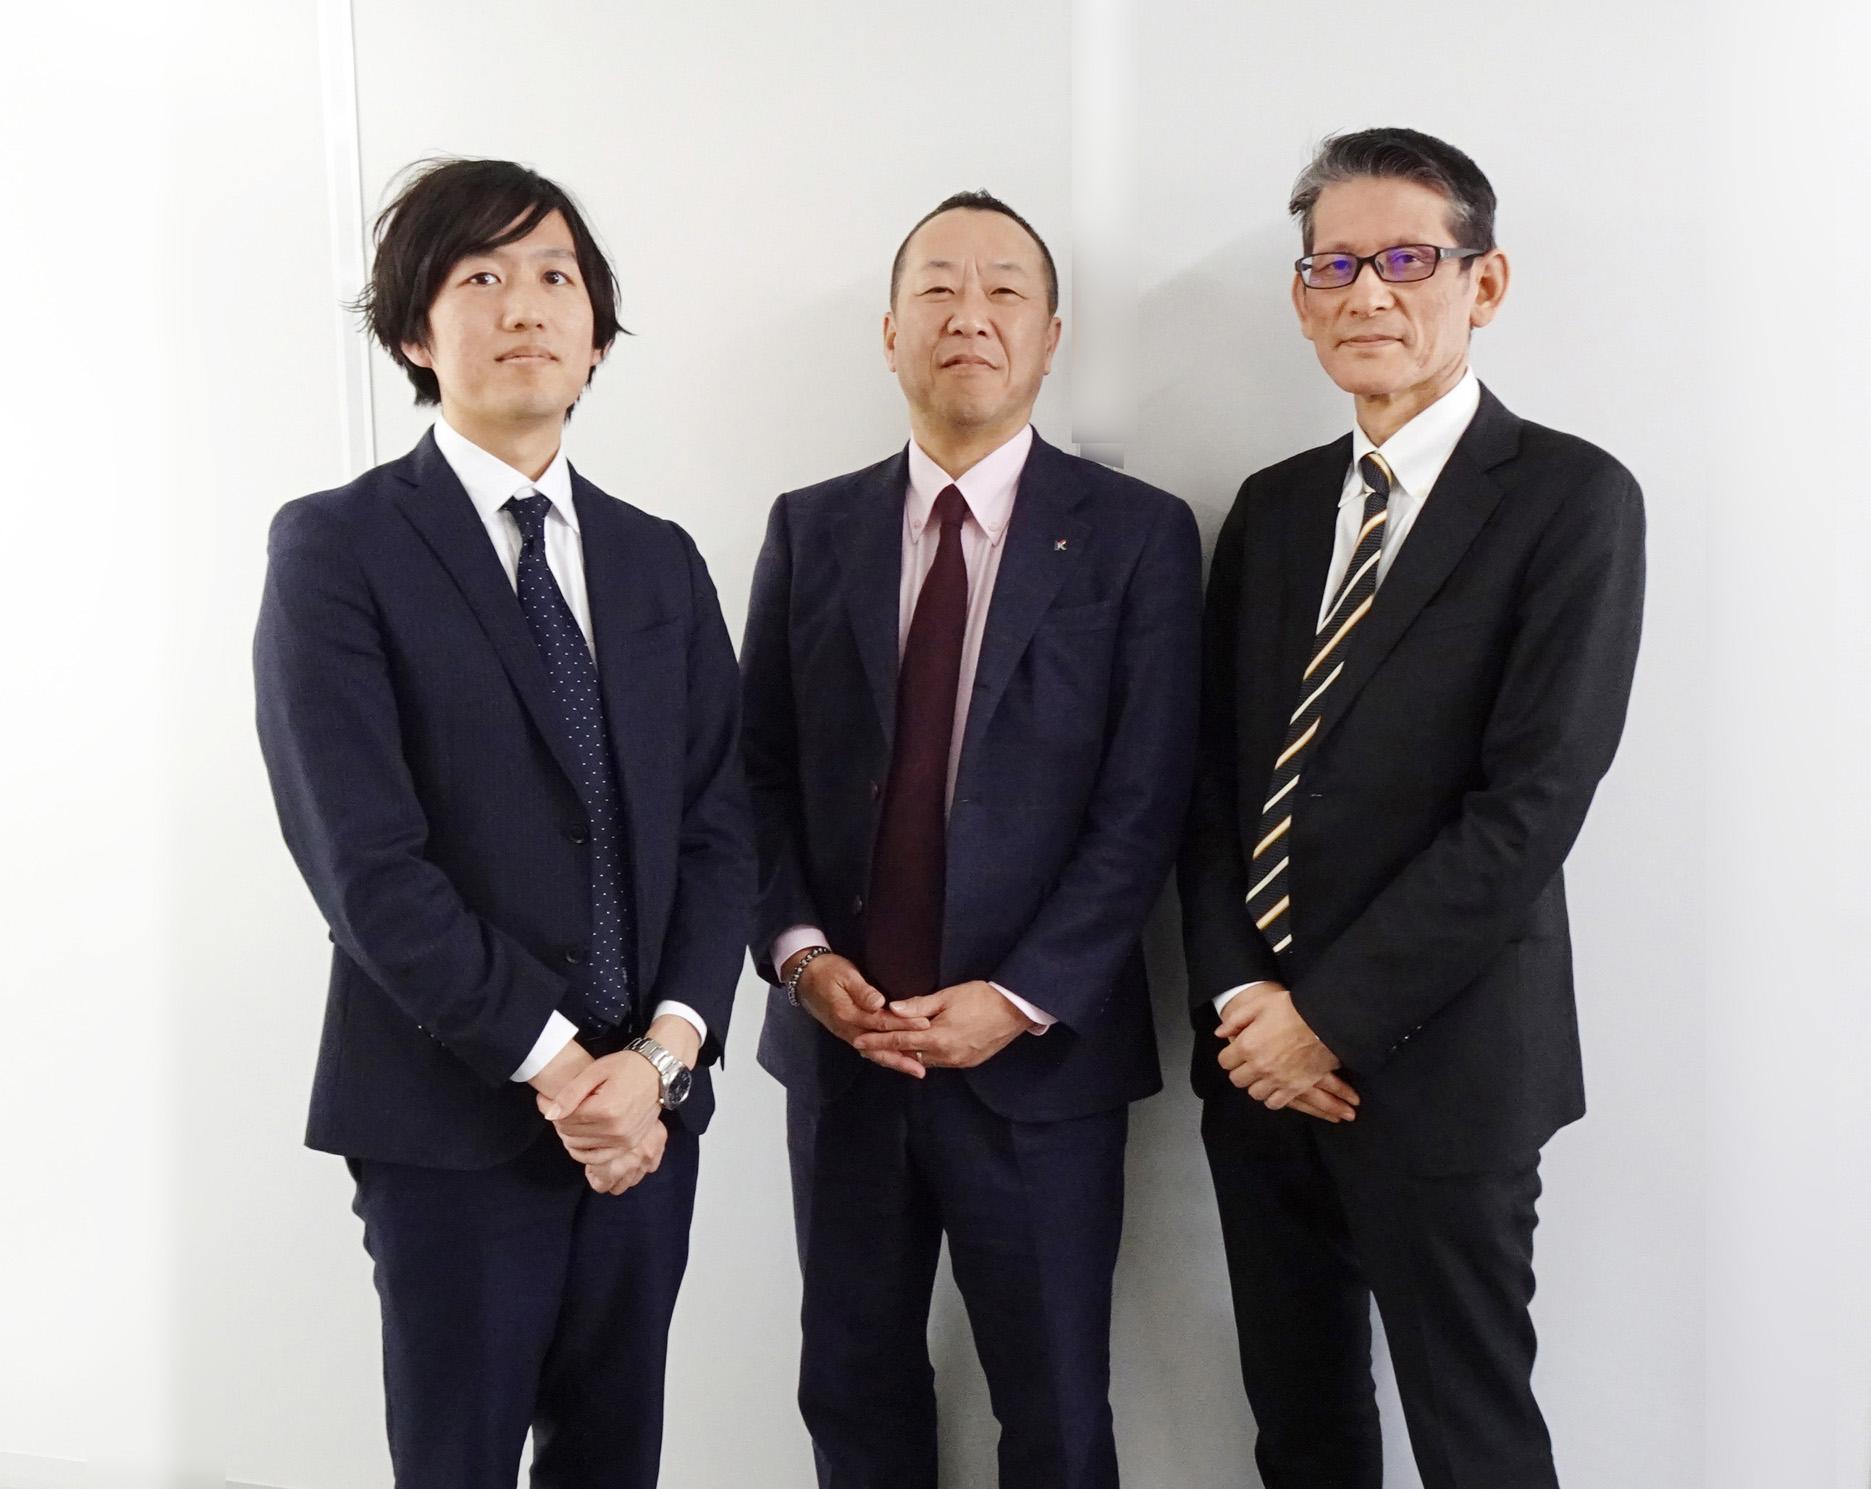 コームラの鴻村社長(中央)と富士ゼロックス粟田氏(右)と鈴木氏(左)